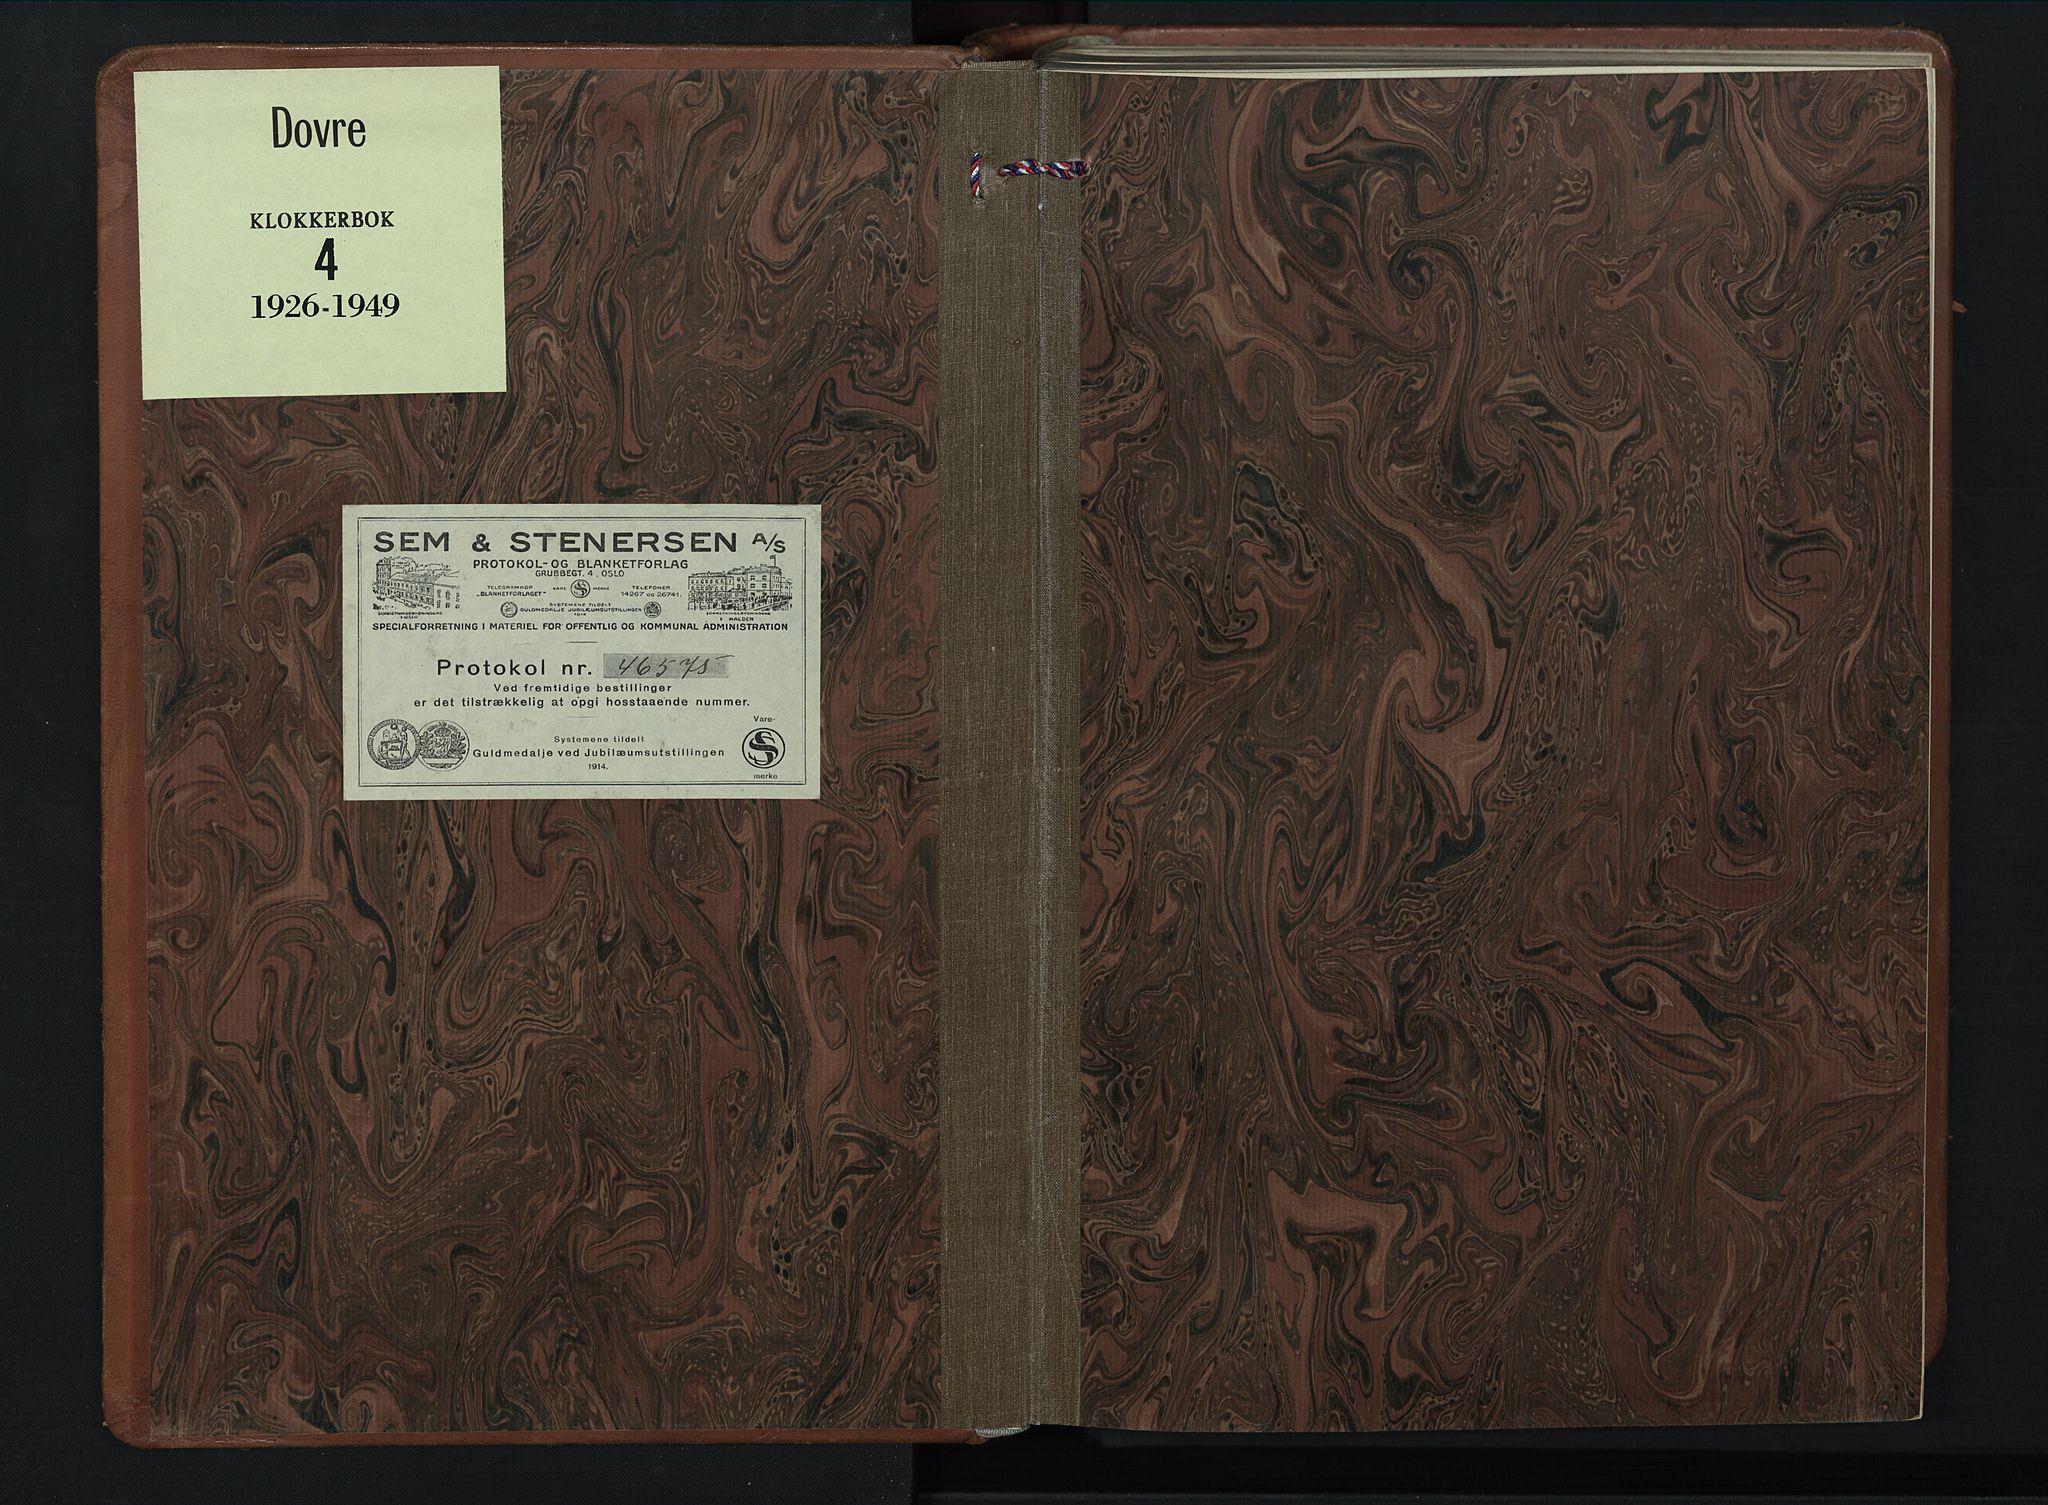 SAH, Dovre prestekontor, Klokkerbok nr. 4, 1926-1949